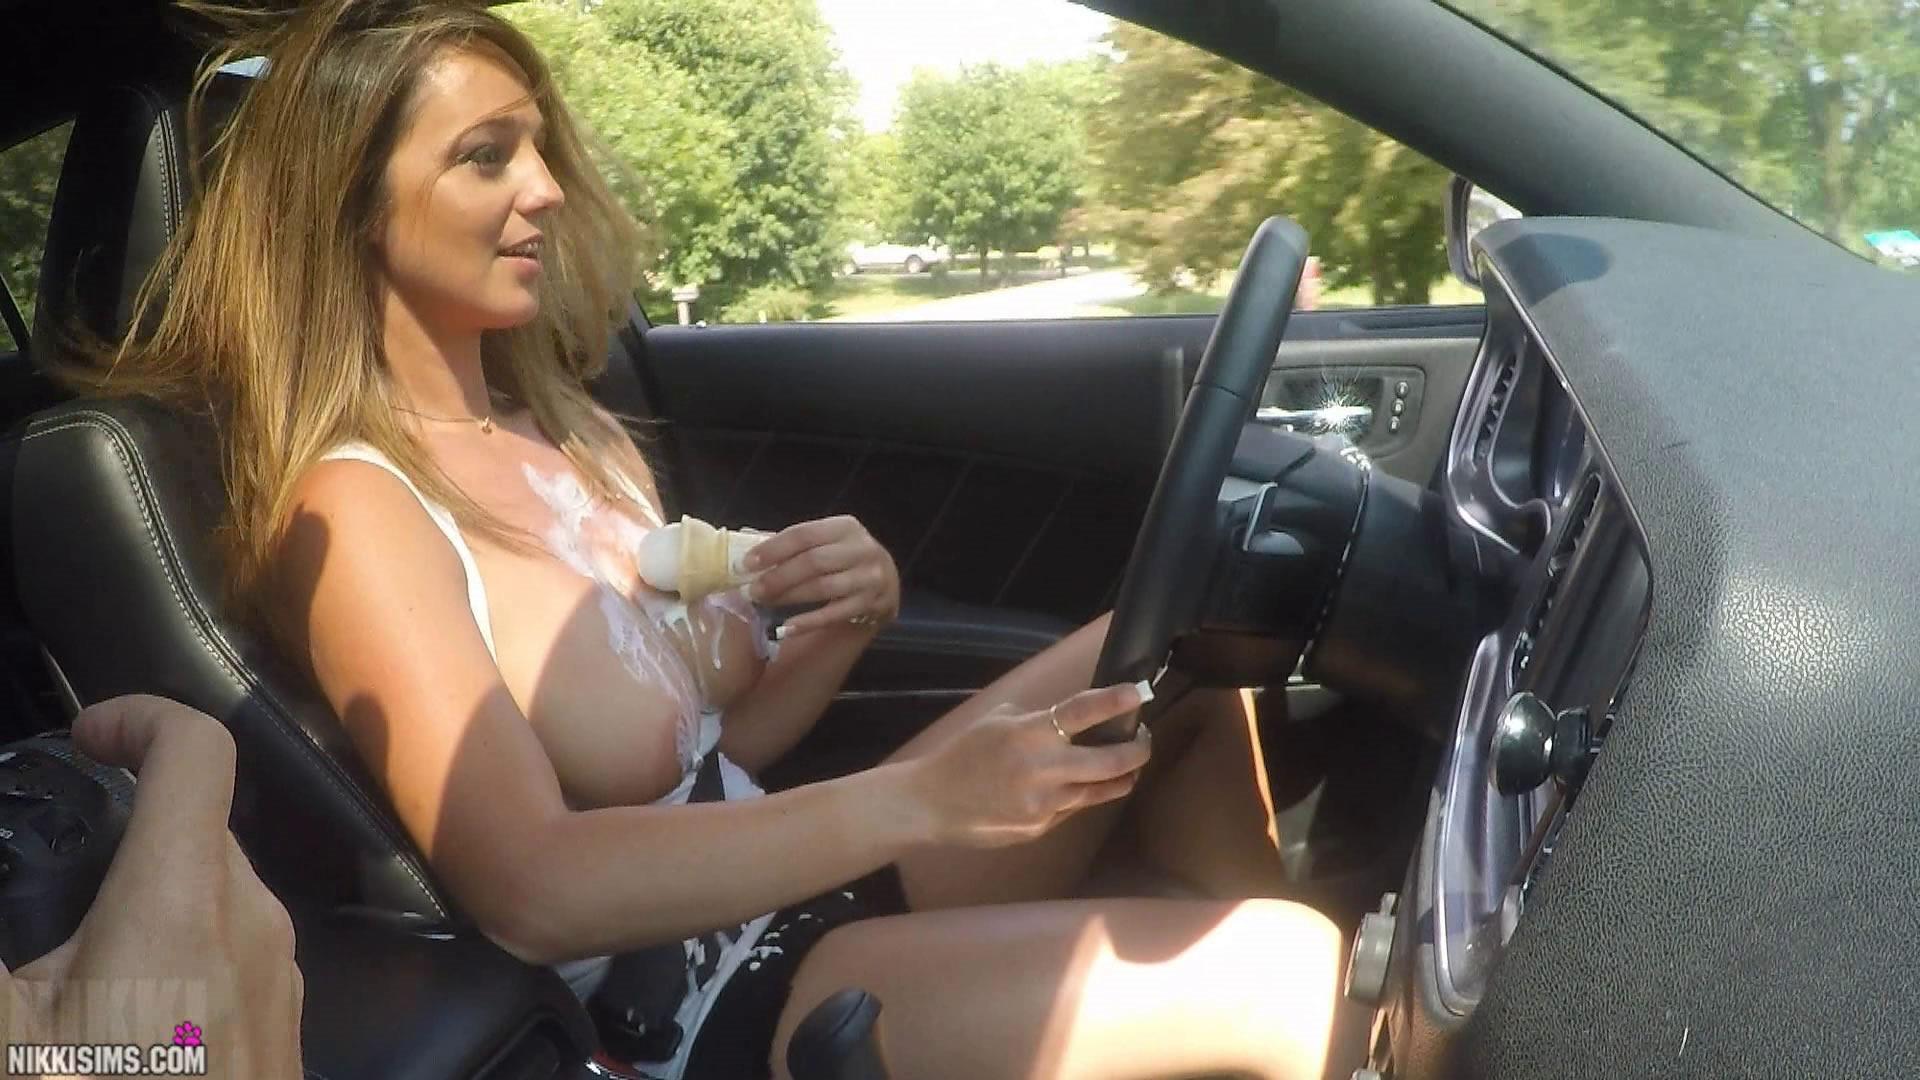 Nikki Sims Tits Video